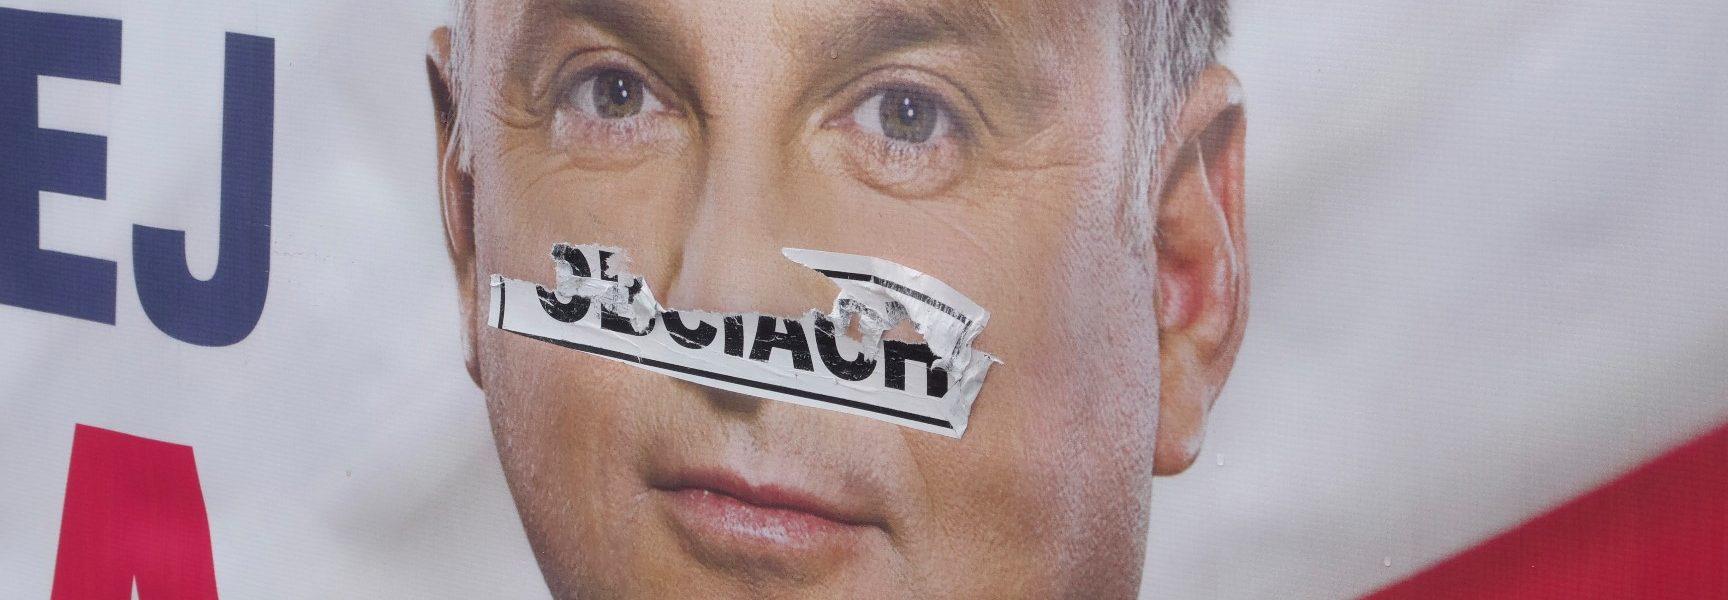 obciach na twarzy prezydenta